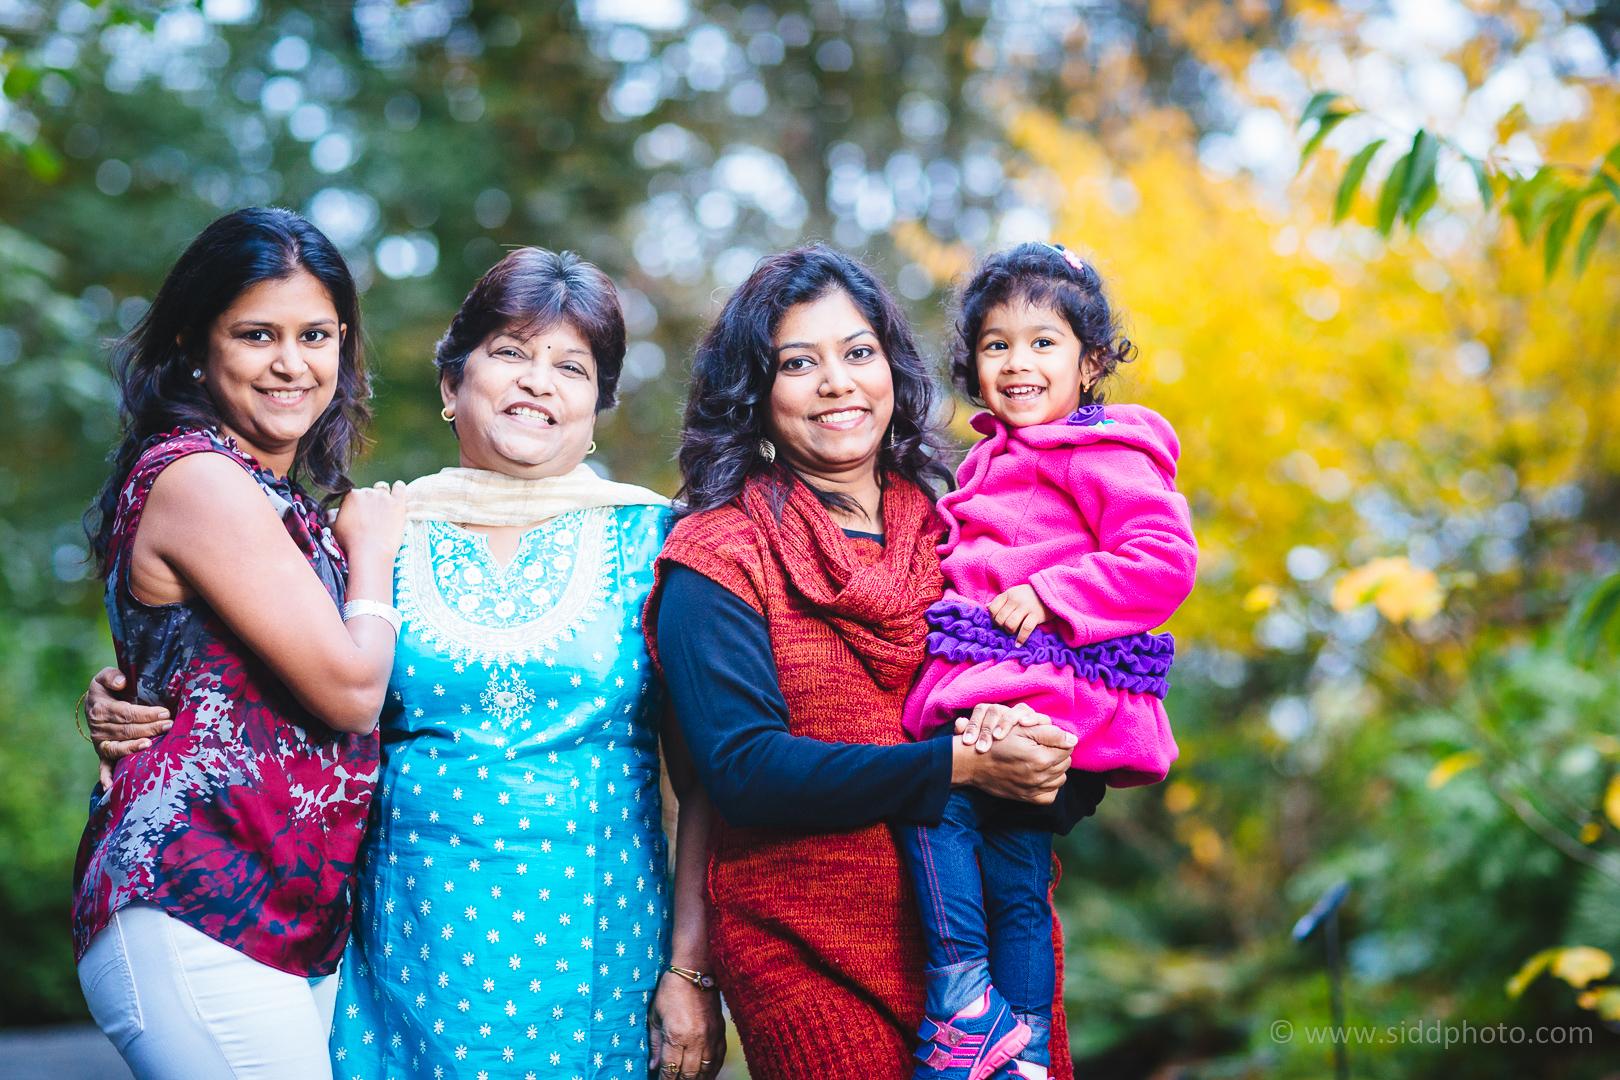 2014-10-24 - 2014-10-25 - Mugdha Aniruddha Family - _O5C7458